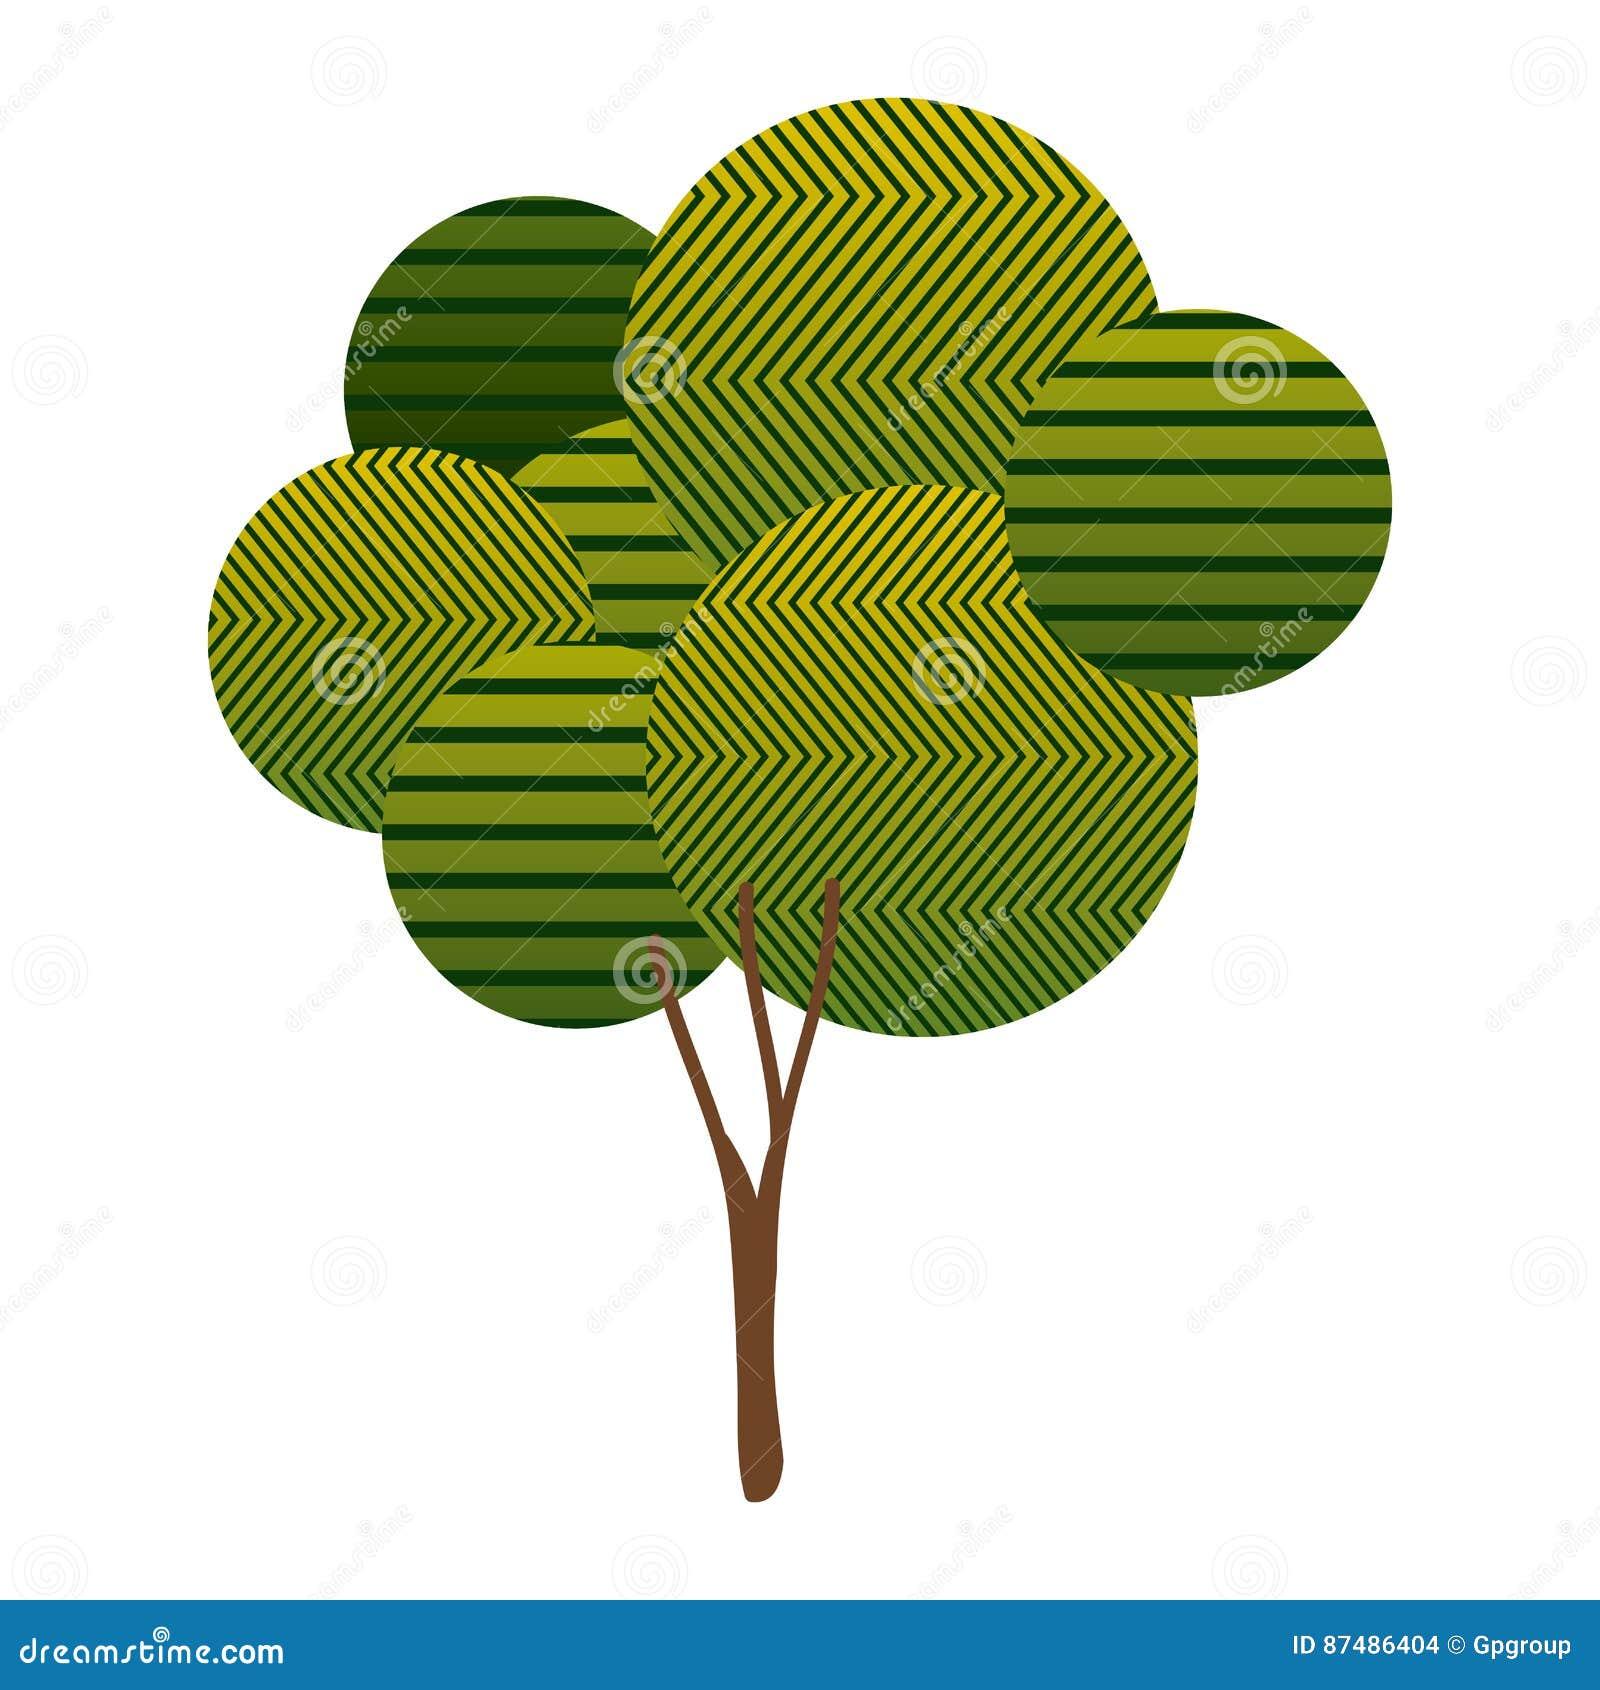 Bunte hohe belaubte Baumanlage mit abstrakten Linien und Verzweigungen